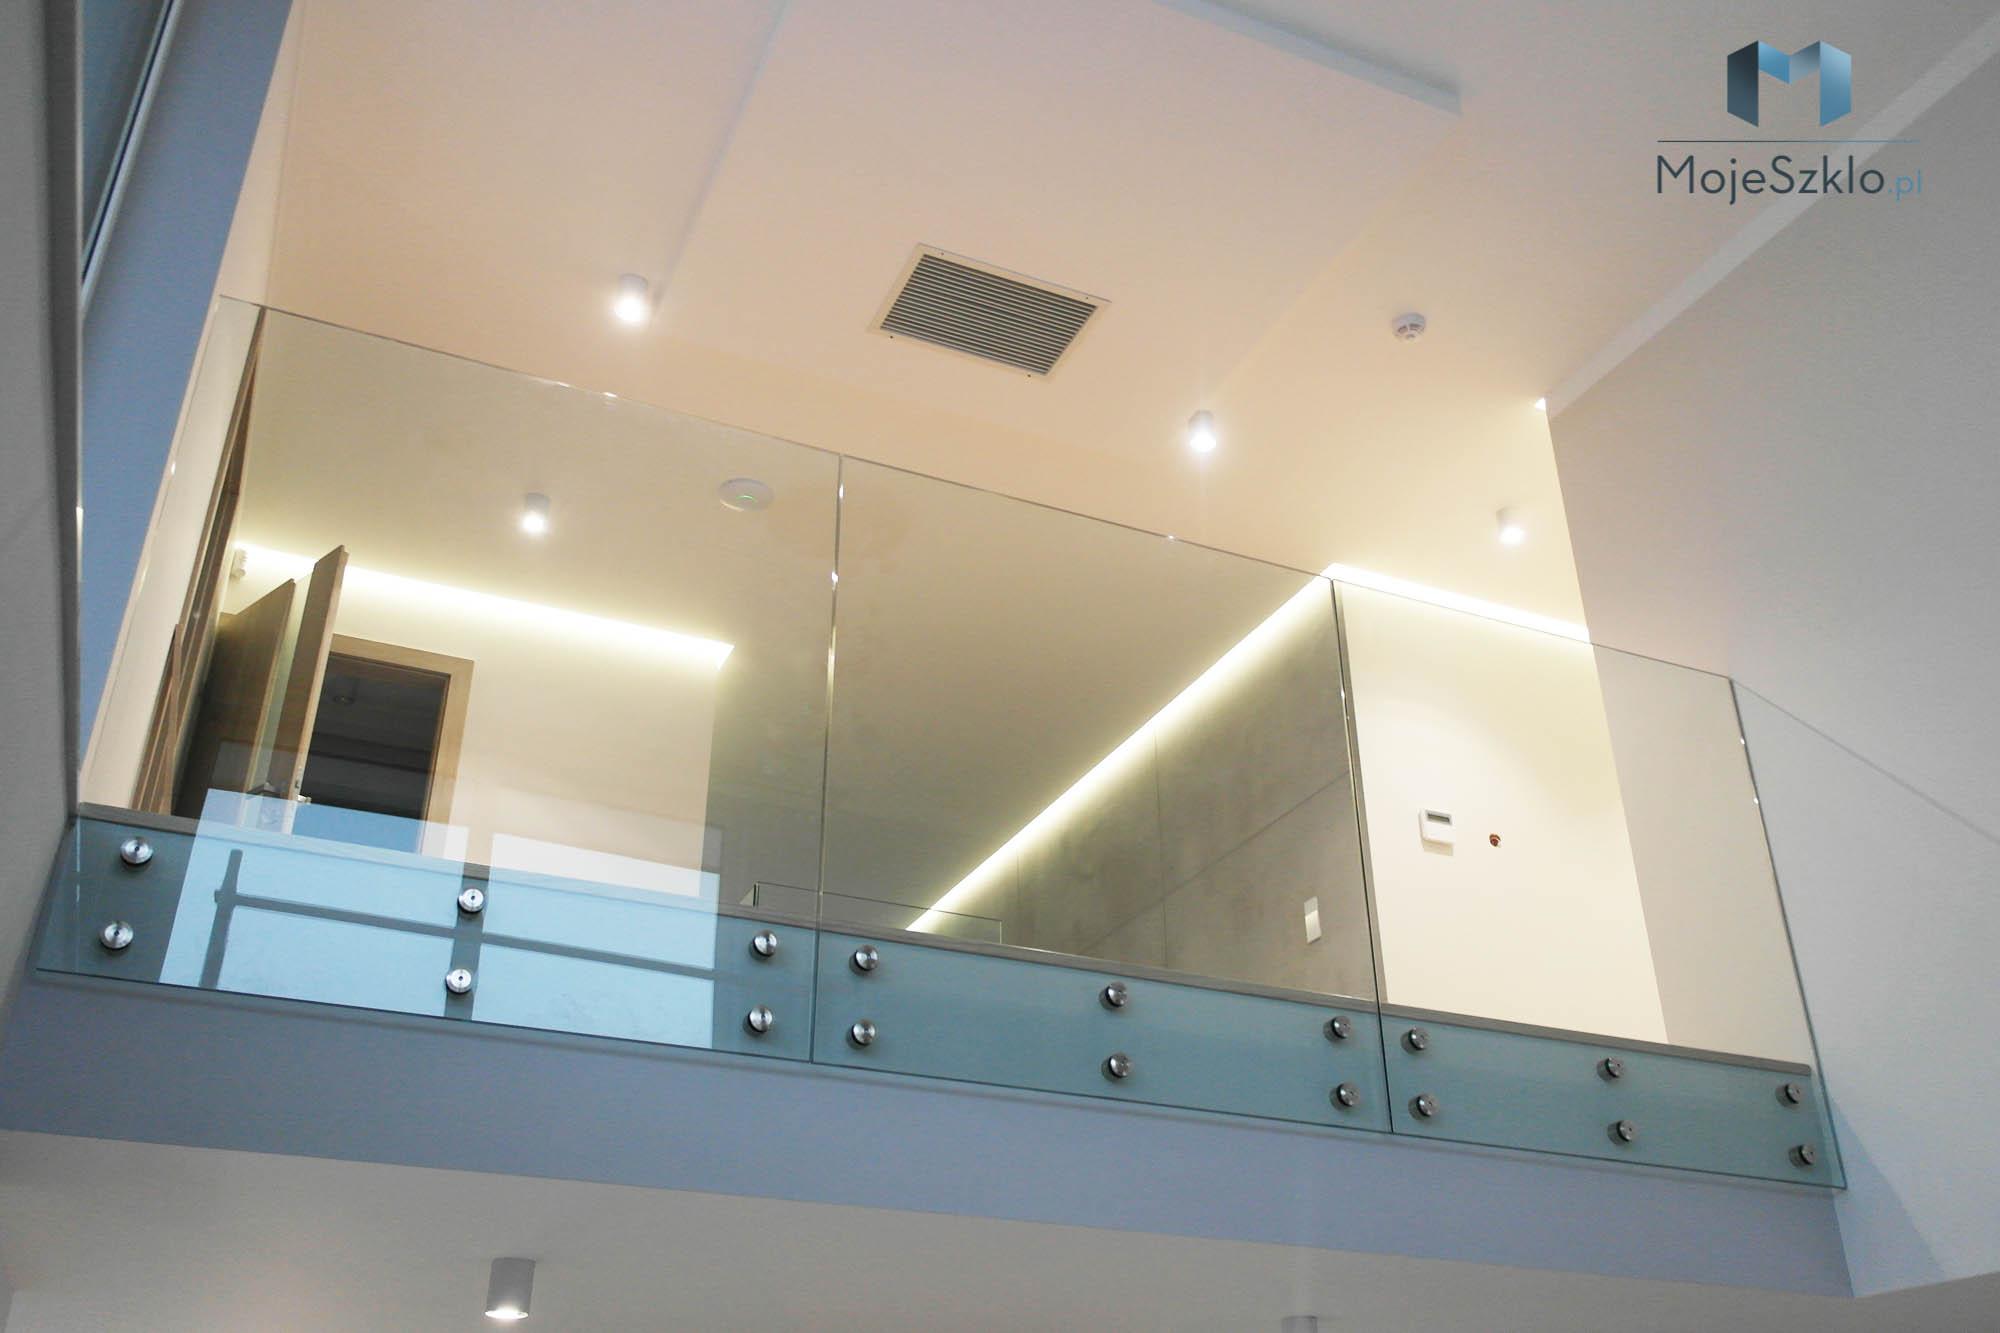 Balustrady Szklane Wewnetrzne Na Wymiar - Parsol / Antisol - barwione szkło przeźroczyste